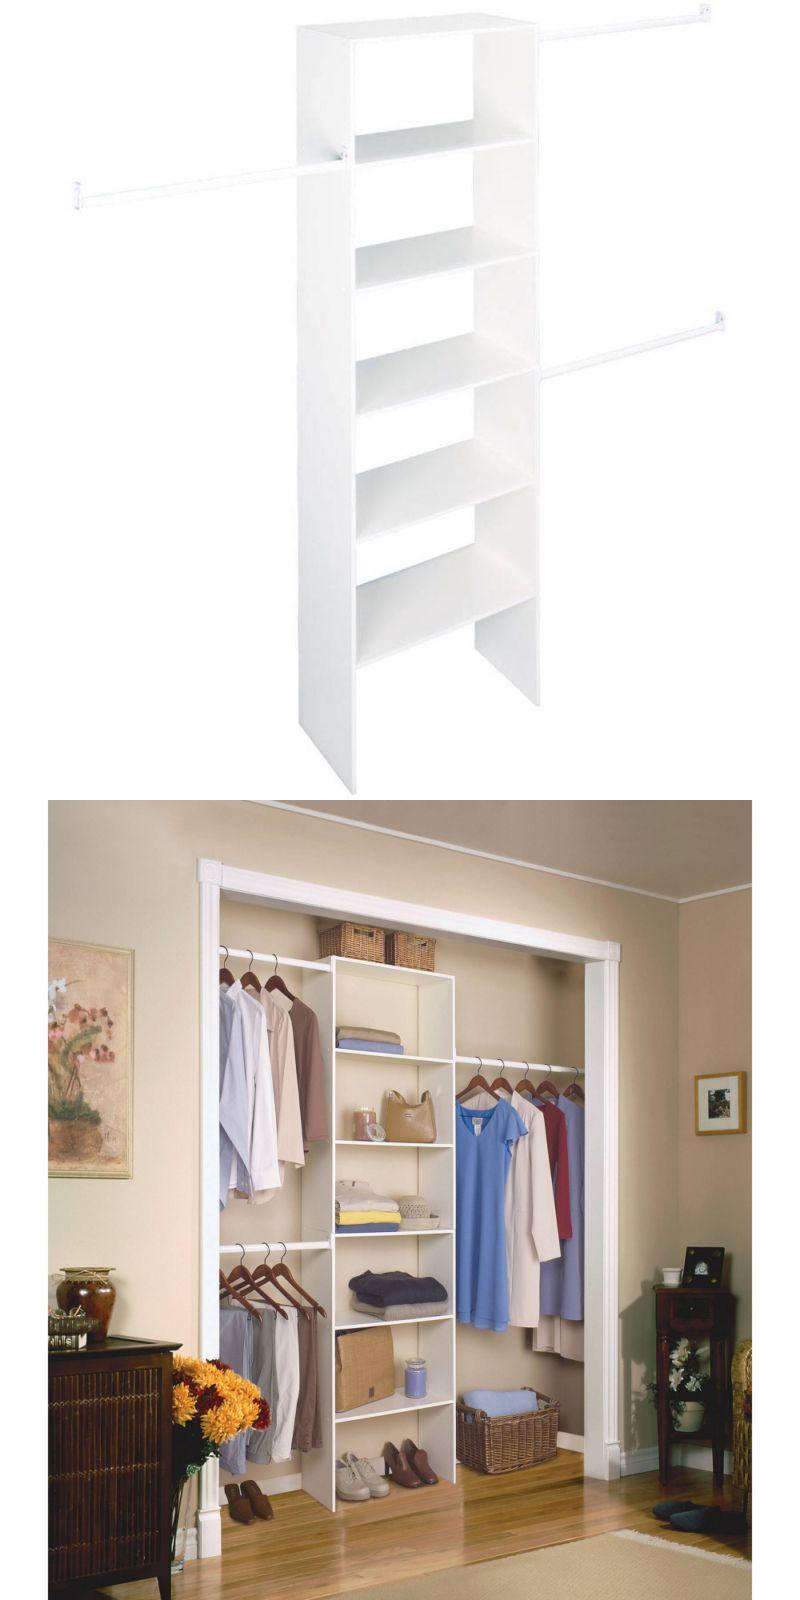 Household Items: Closetmaid Closet Organizer Storage Shelf Clothes Shelves  Hanging Rod White New  U003e